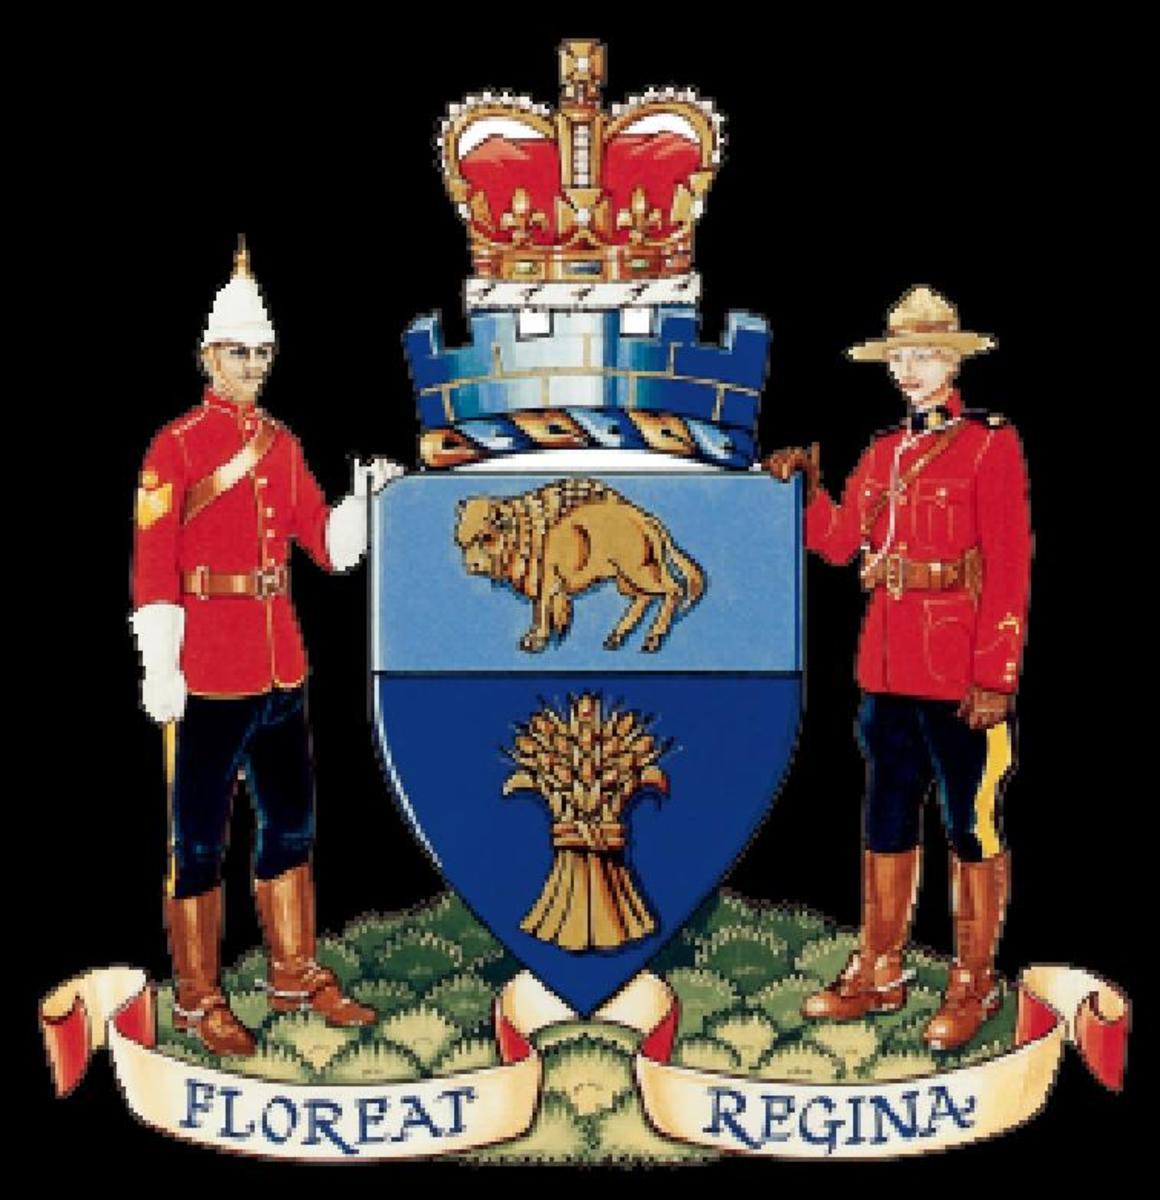 FLOREAT REGINA